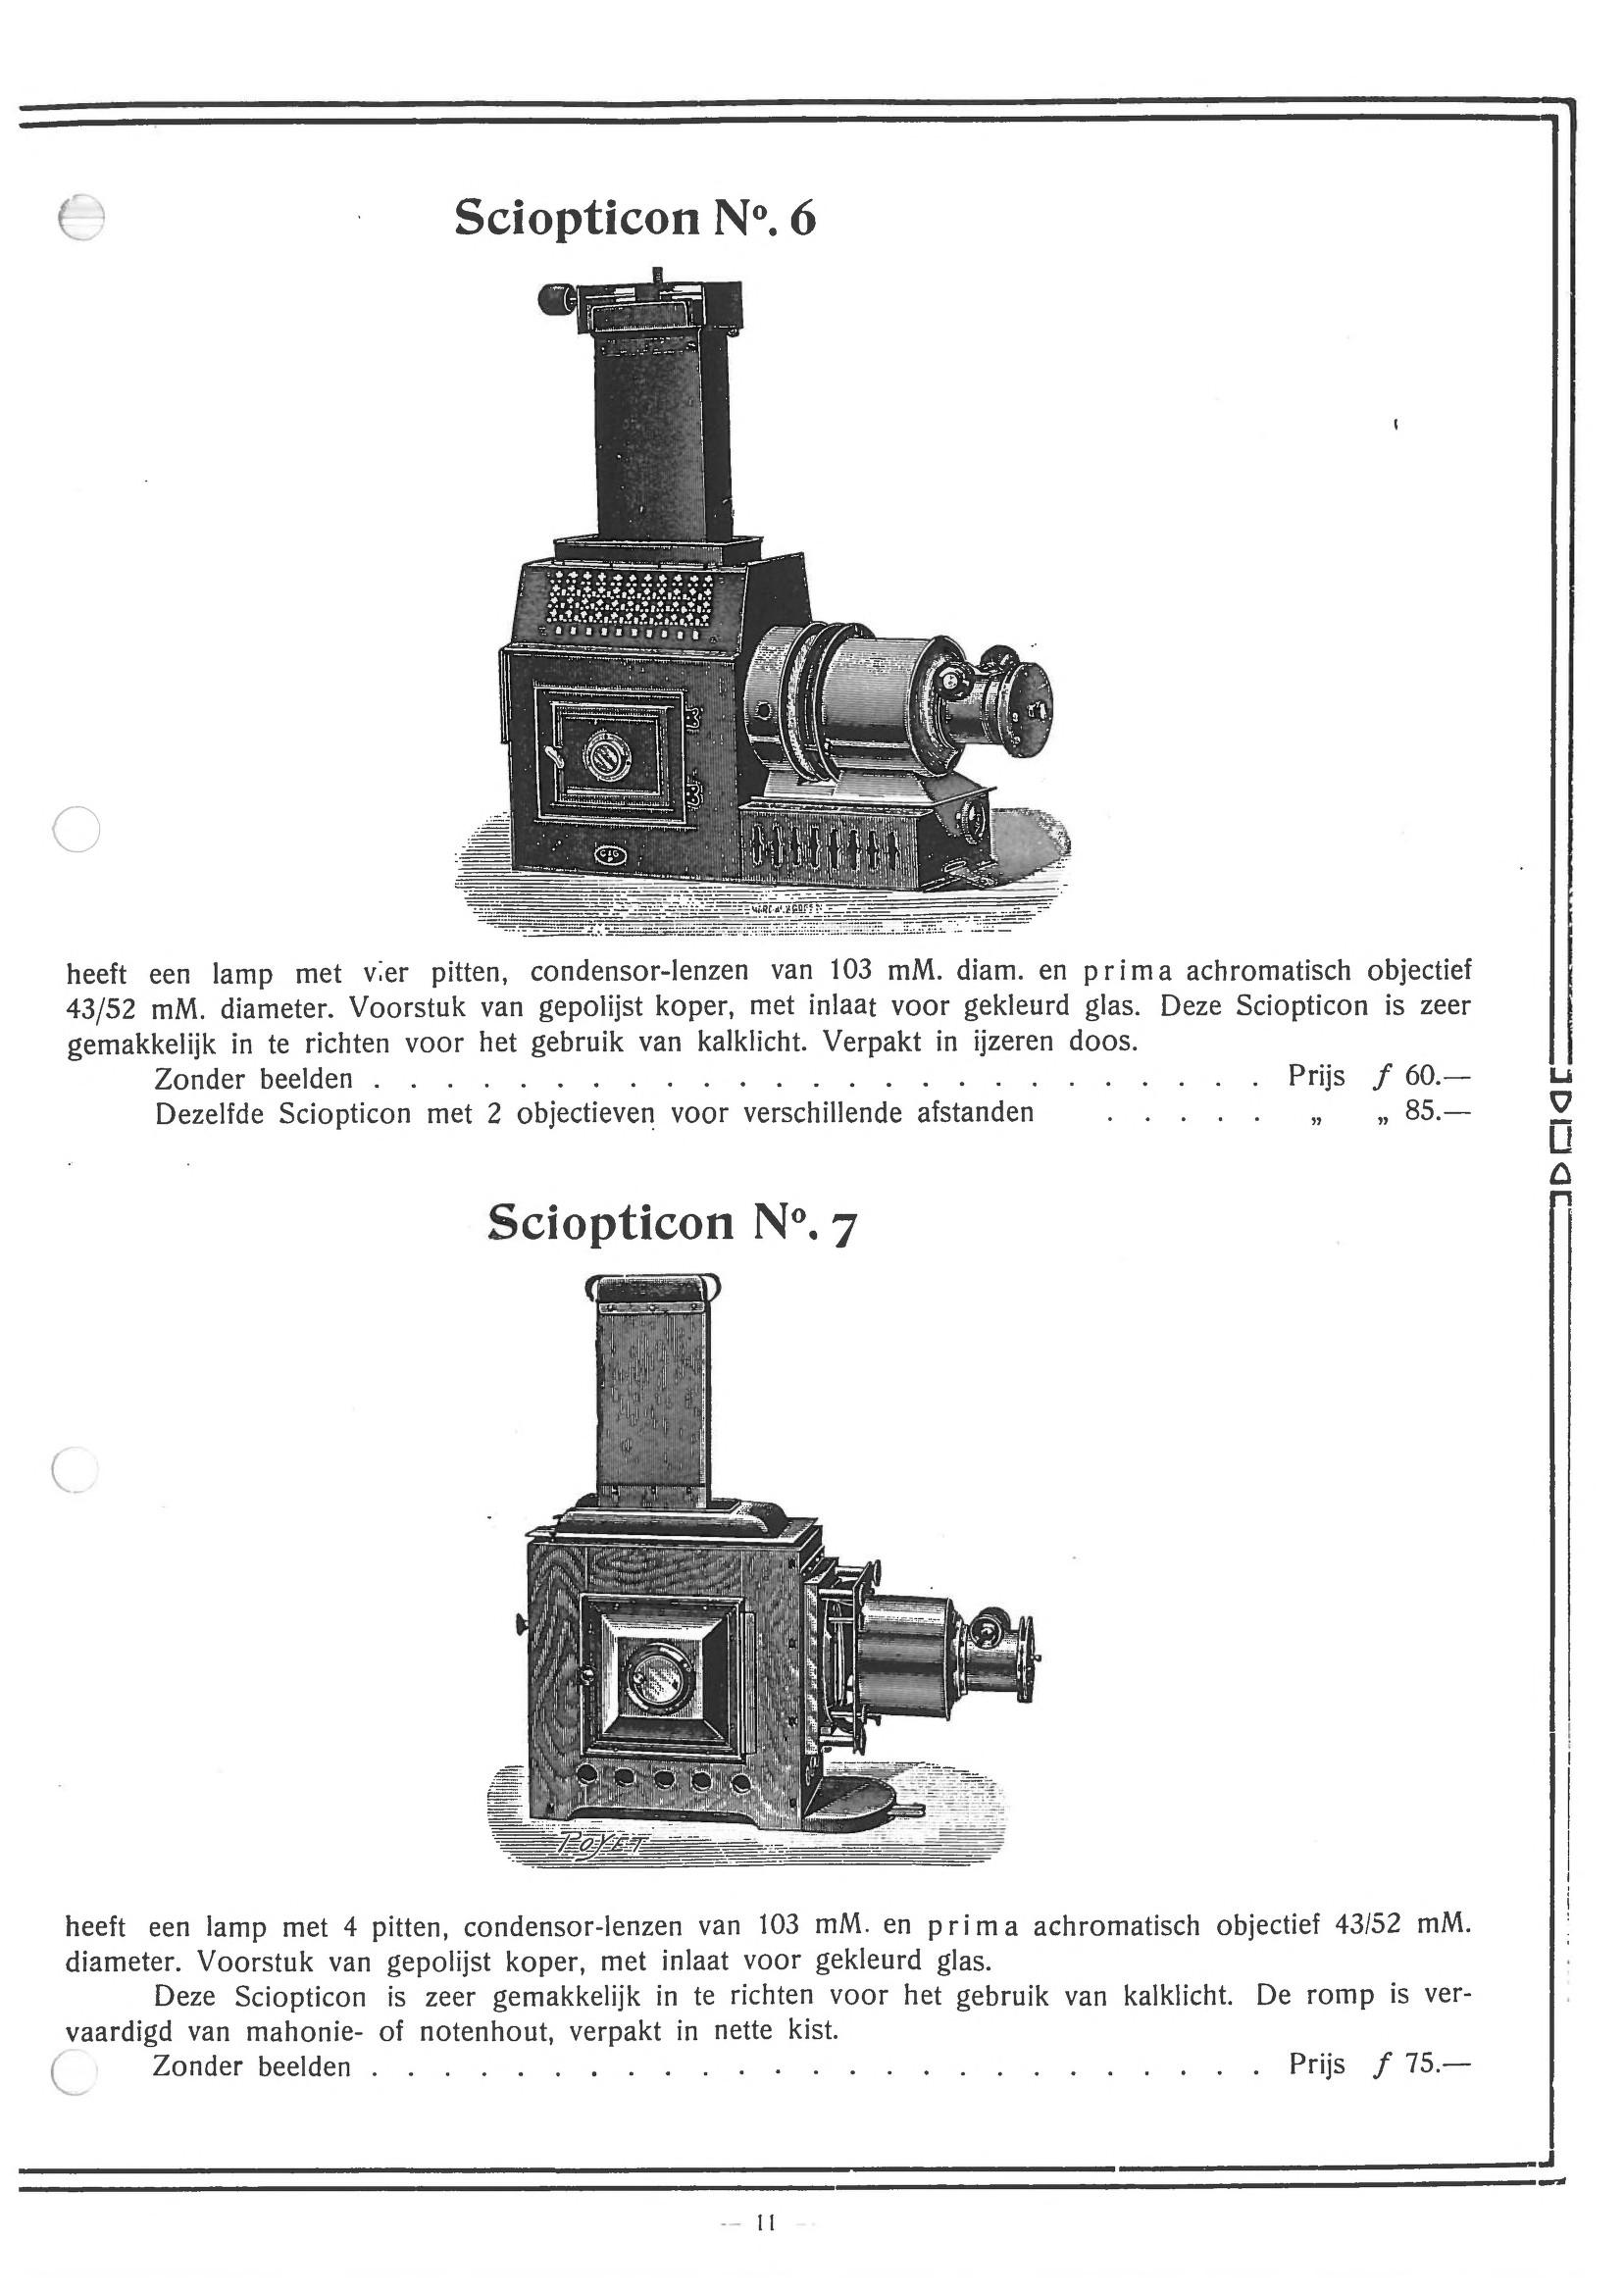 Merkelbach_prijscourant_1909_jp2.zip&file=merkelbach_prijscourant_1909_jp2%2fmerkelbach_prijscourant_1909_0012